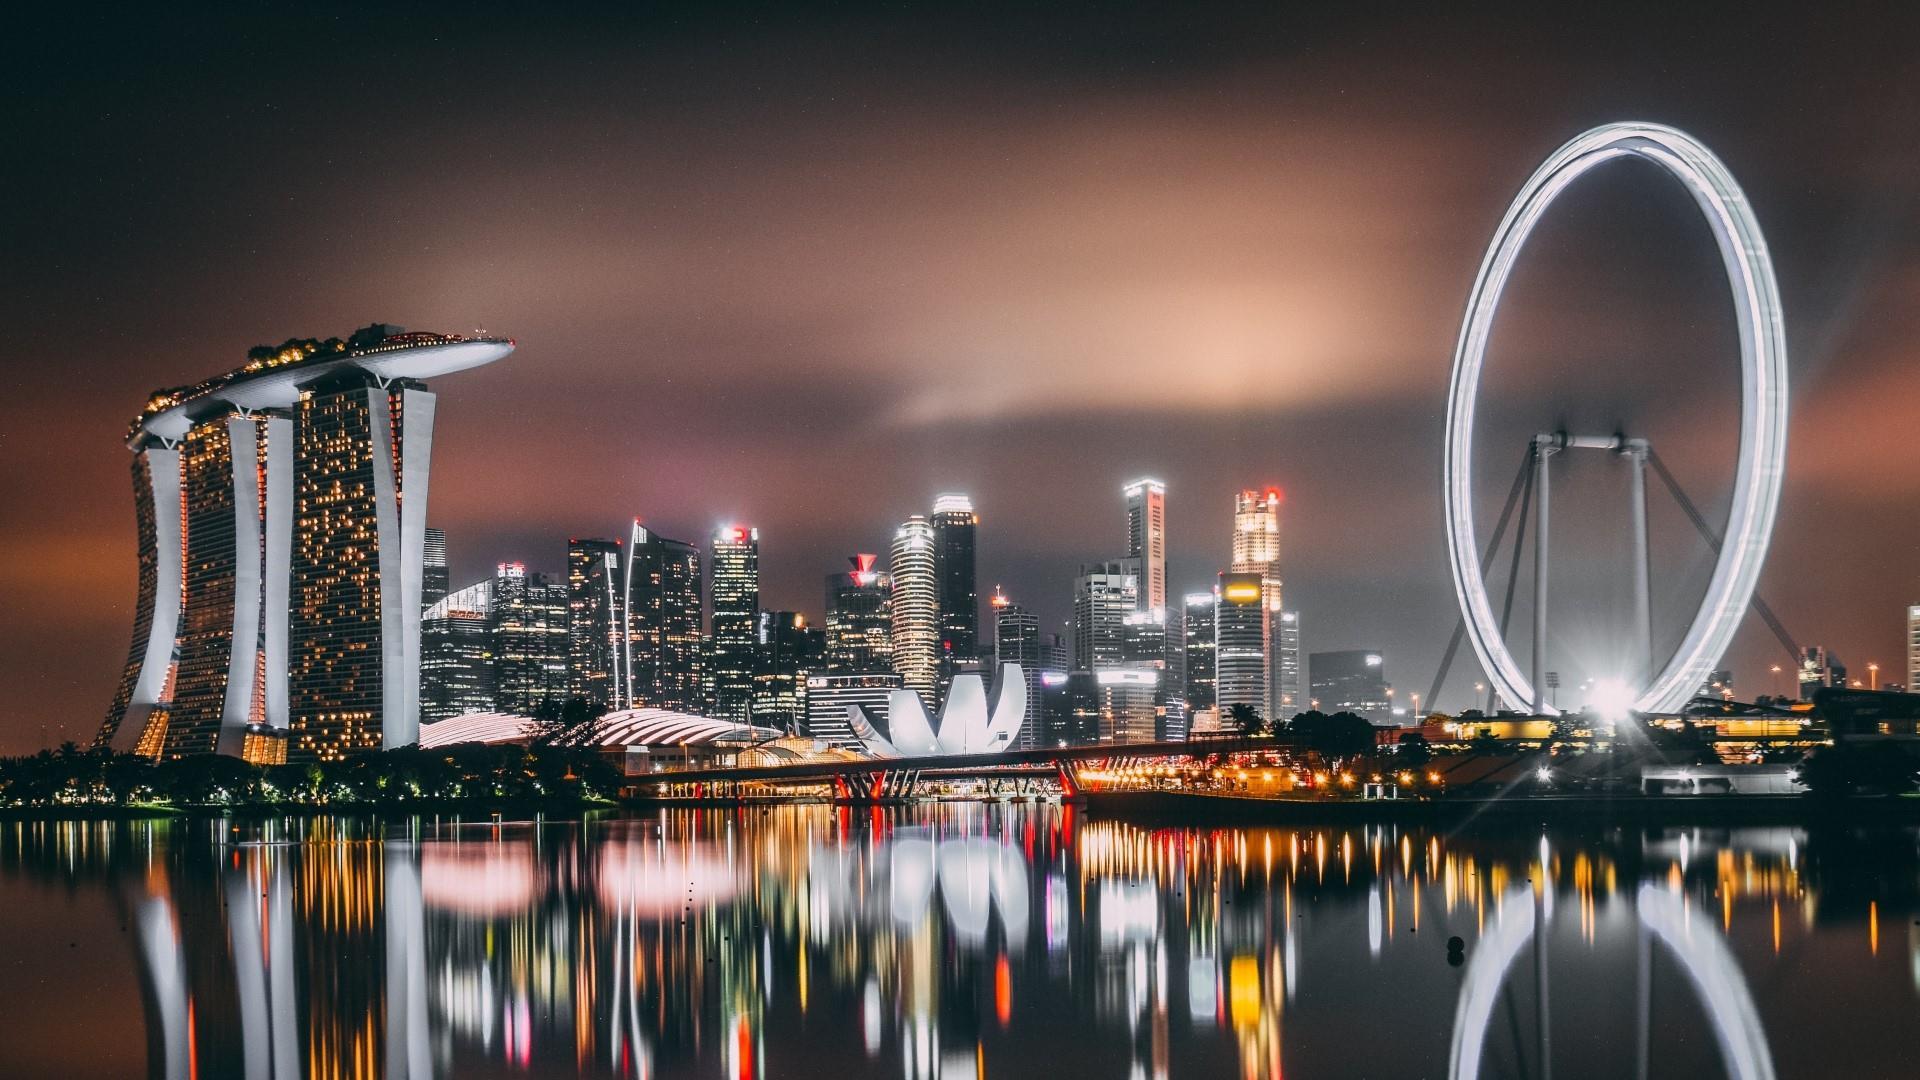 Singapore at night wallpaper